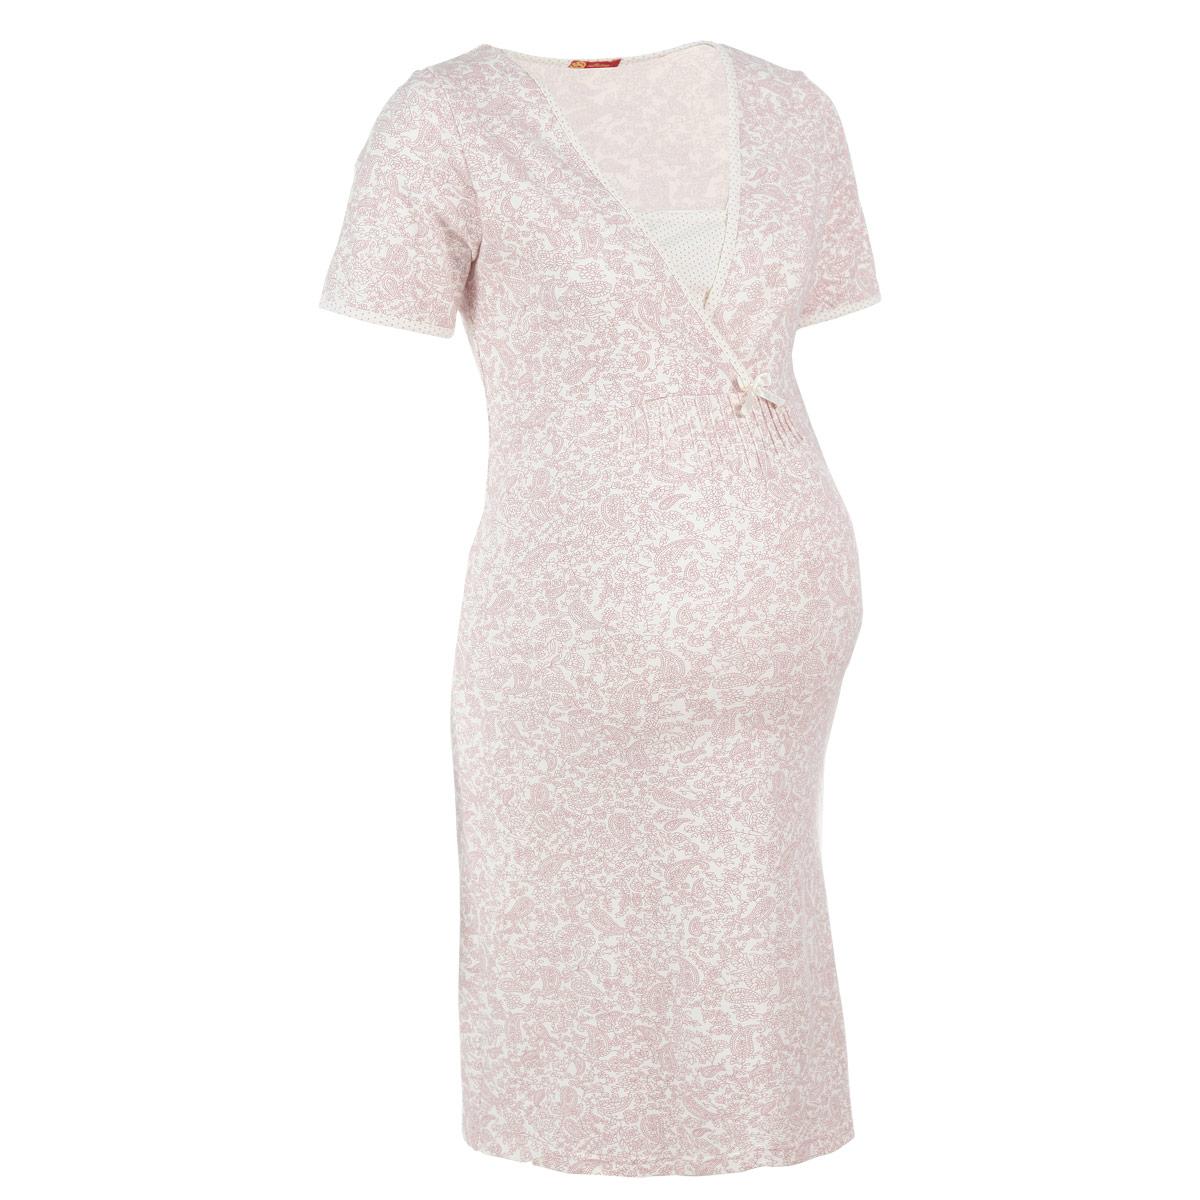 Ночная рубашка25205Удобная, красивая ночная сорочка для беременных и кормящих Мамин Дом Praline, изготовленная из эластичного хлопка, женственна и элегантна. Модель с короткими рукавами и V-образным вырезом горловины оформлена цветочным принтом и украшена спереди атласным бантом. Также спереди модель оформлена защипами. Окантовка выреза горловины, низ рукавов и вставка украшены мелким гороховым принтом. Скрытые прорези в области груди обеспечивают легкий доступ для кормления. Свободный крой позволяет носить ночную сорочку, как во время беременности, так и после родов. Такая сорочка сделает отдых будущей мамы комфортным. В комплект входят нагрудник и рукавички для малыша. Одежда, изготовленная из хлопка, приятна к телу, сохраняет тепло в холодное время года и дарит прохладу в теплое, позволяет коже дышать.